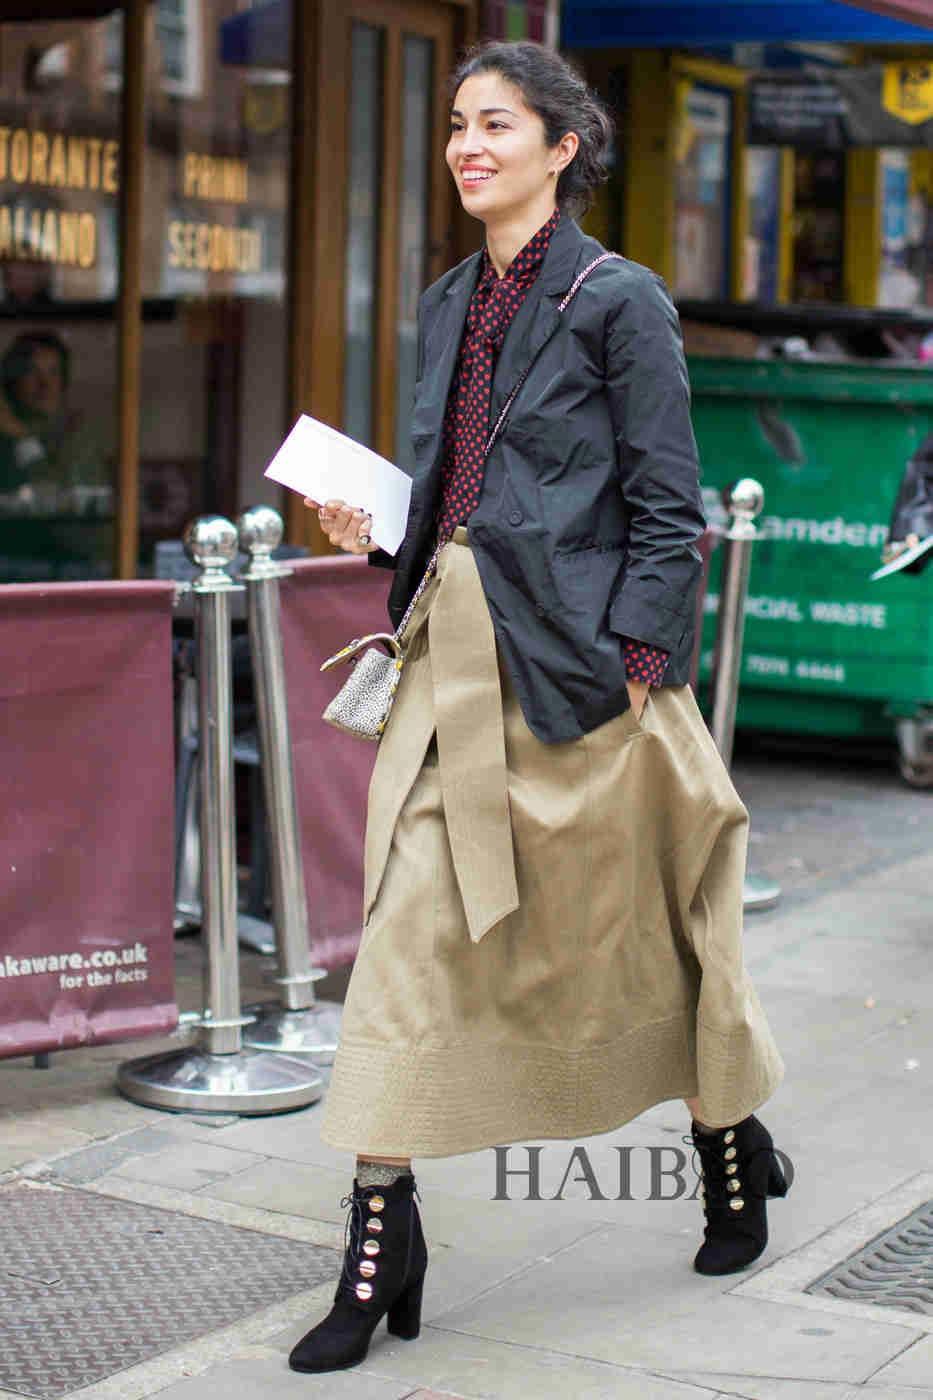 风格大不同,人人都有态度 2017春夏伦敦时装周秀场外街拍第一波:前卫派时尚份子的天堂